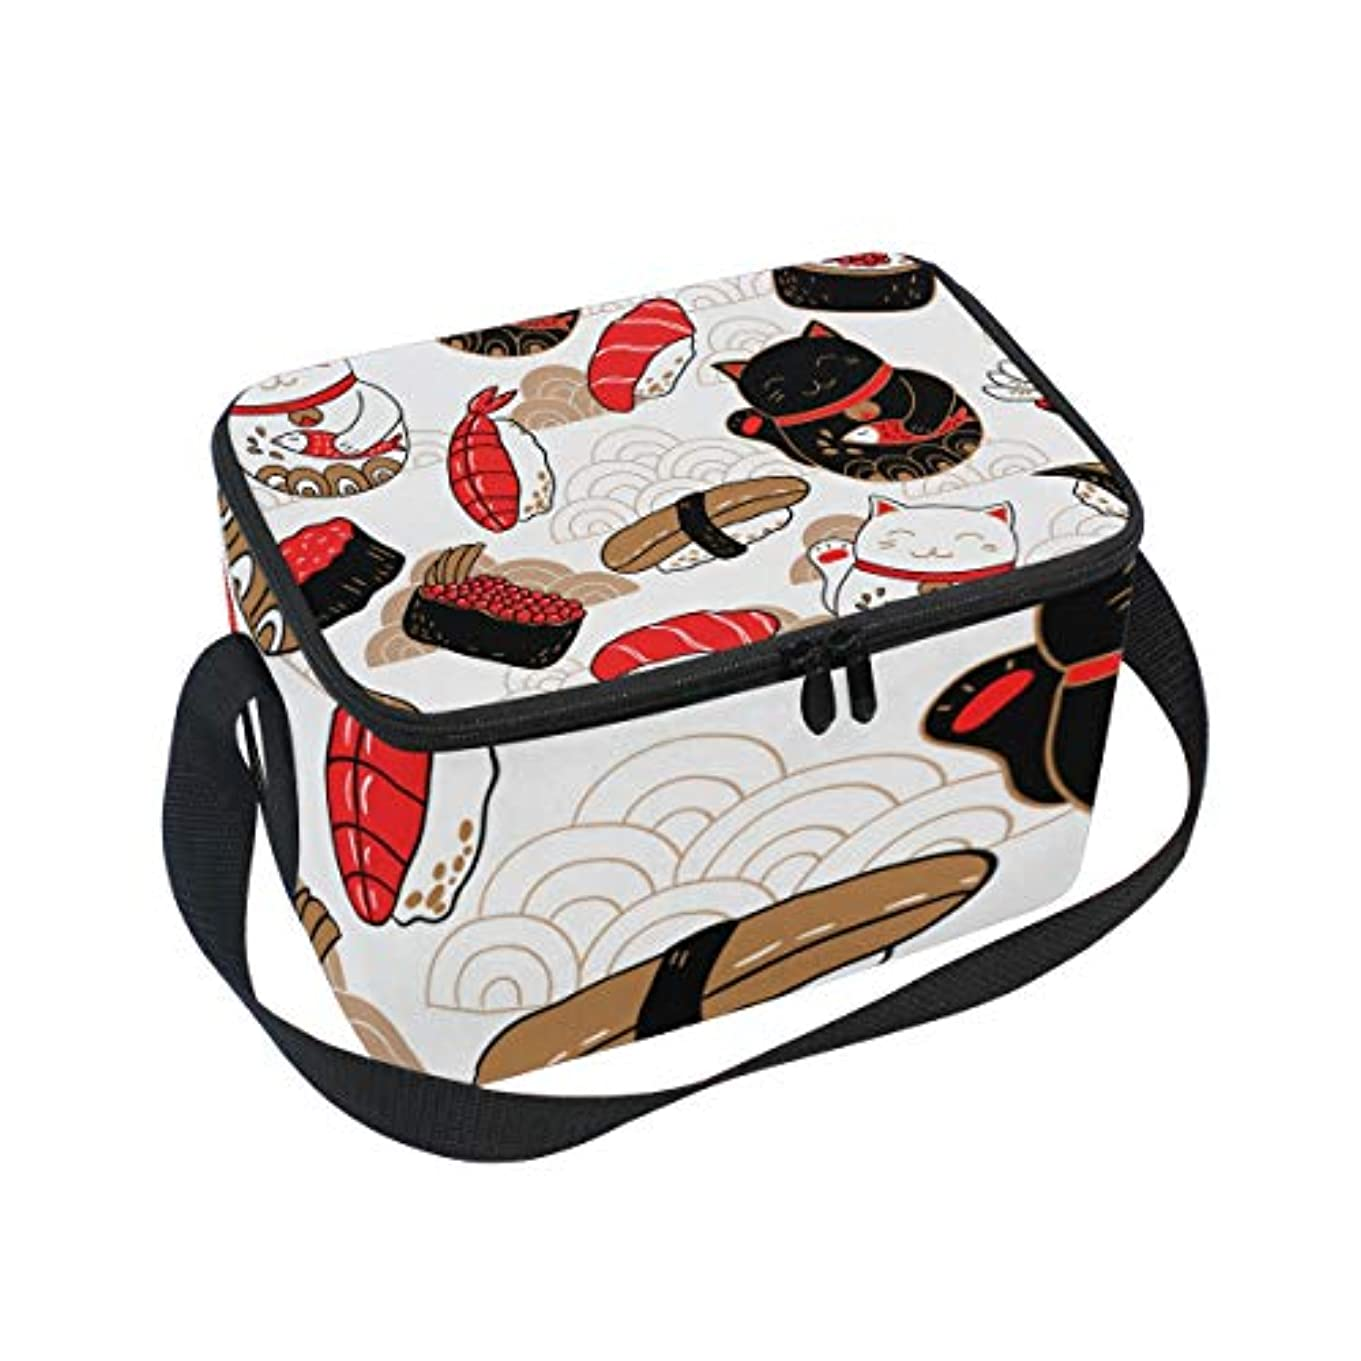 結紮誤解するあたりクーラーバッグ クーラーボックス ソフトクーラ 冷蔵ボックス キャンプ用品 伝統的 猫と寿司柄 三文魚 保冷保温 大容量 肩掛け お花見 アウトドア